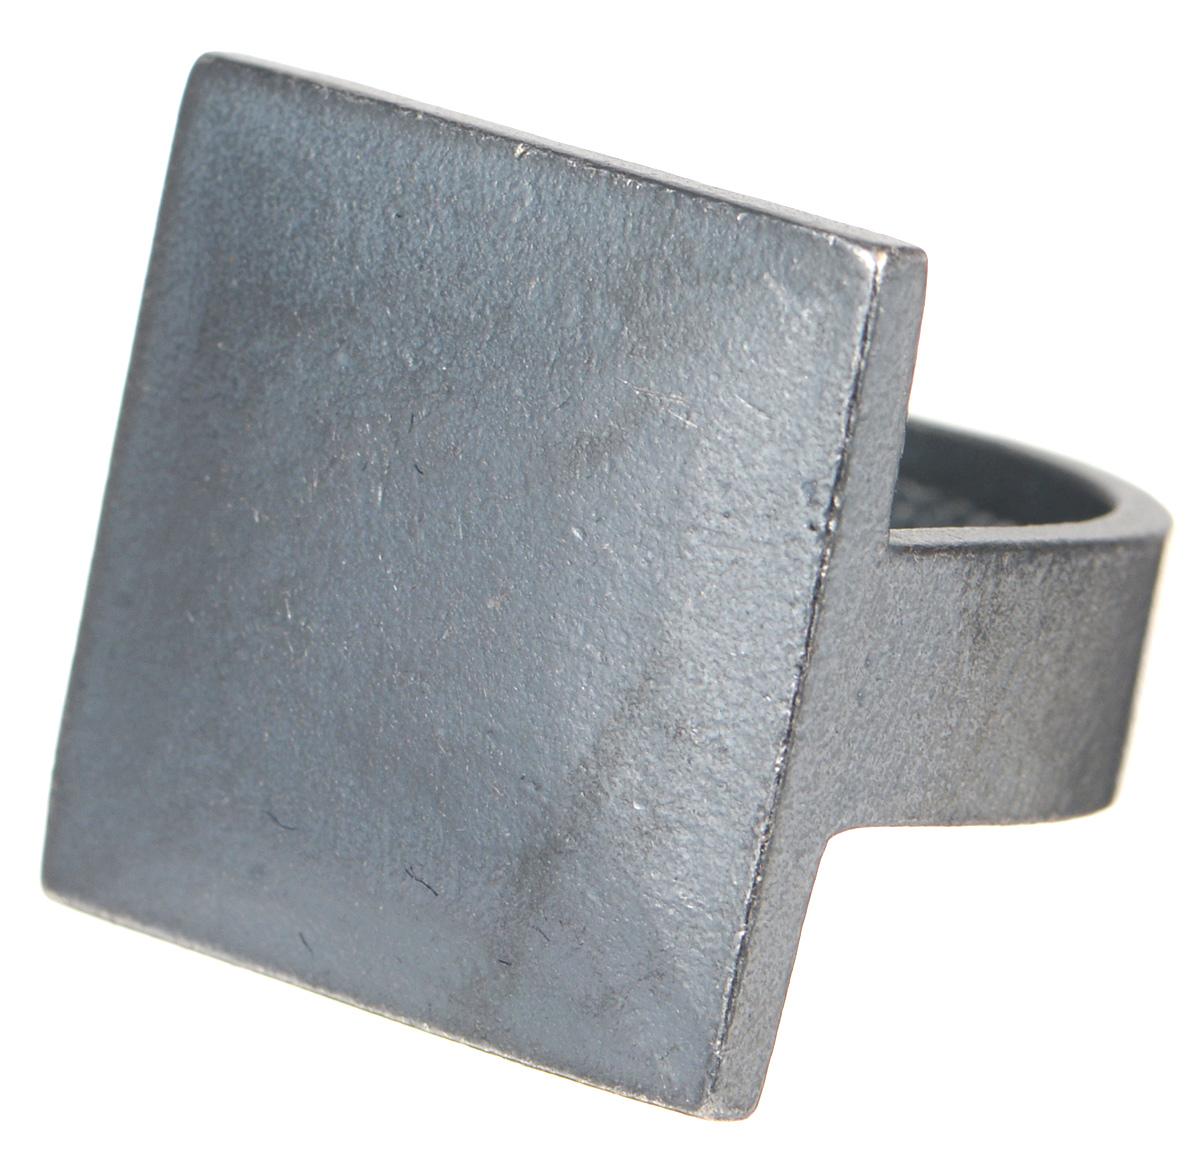 Кольцо Jenavi Mona. Хото, цвет: серый. k480o090. Размер 18k480o090Оригинальное кольцо от Jenavi Mona. Хото изготовлено из качественного металла с покрытием из черного оксида. Декоративная часть изделия выполнена в форме квадрата. Кольцо дополнено тисненой надписью с названием бренда на внутренней стороне. Такое кольцо сделает ваш образ интересным и подчеркнет вашу индивидуальность.